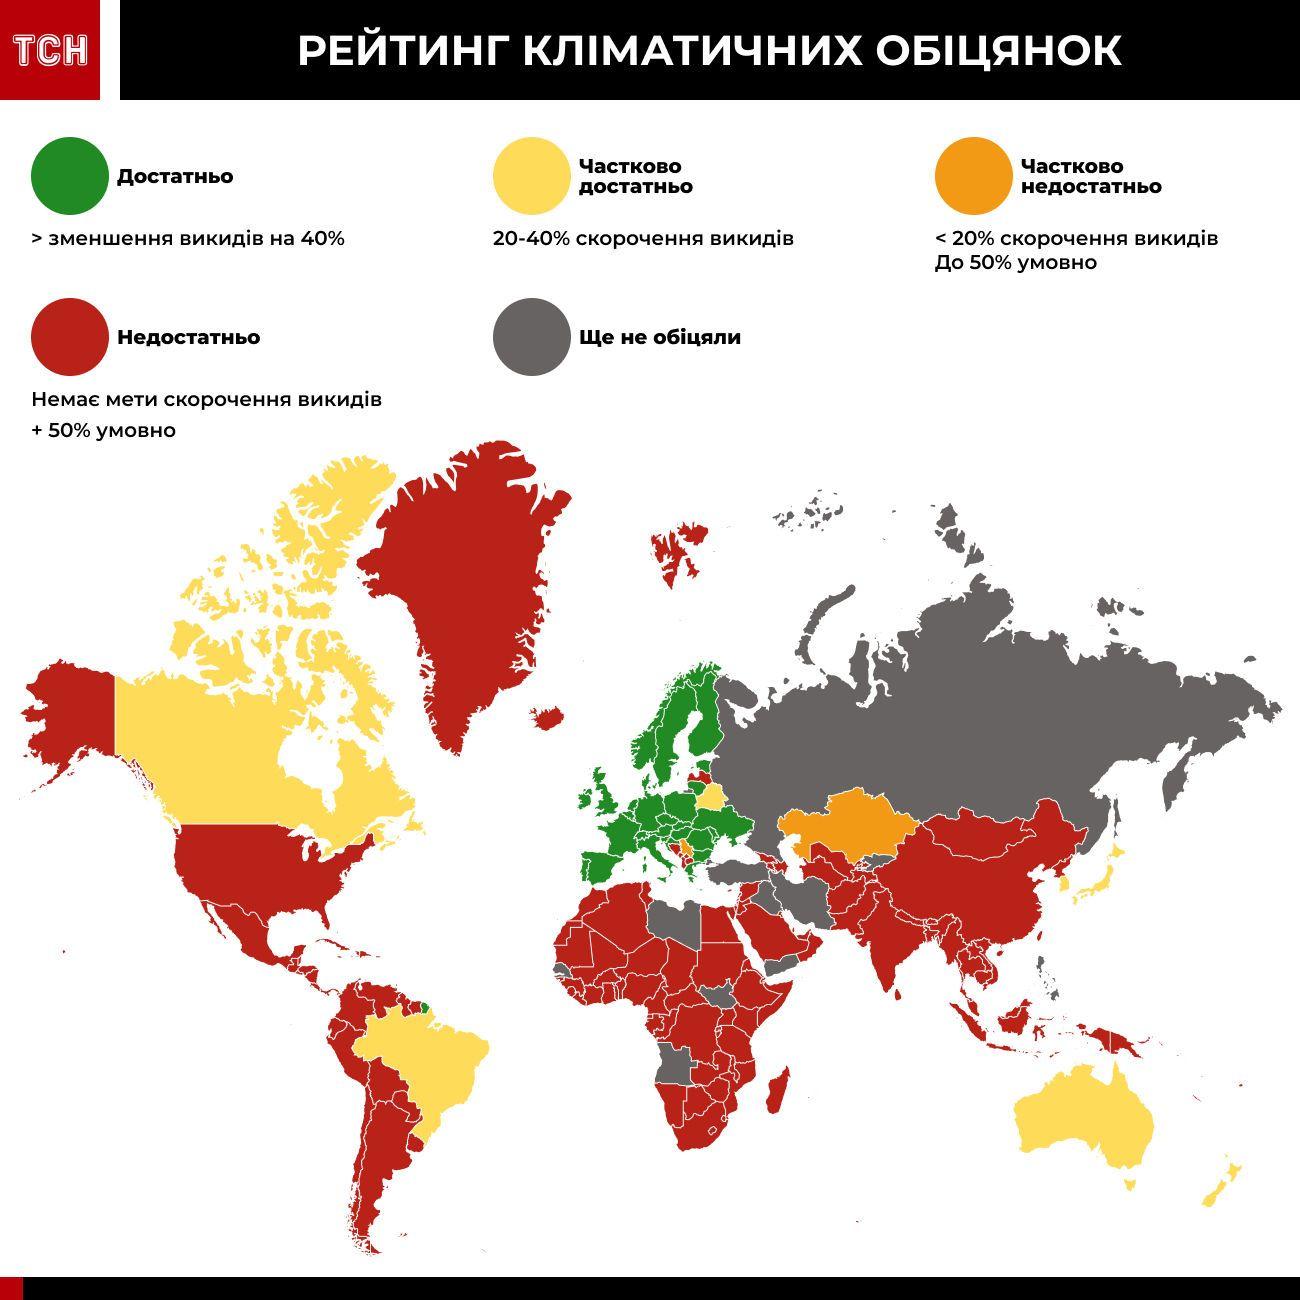 інфографіка про заходи проти кліматичних змін 2